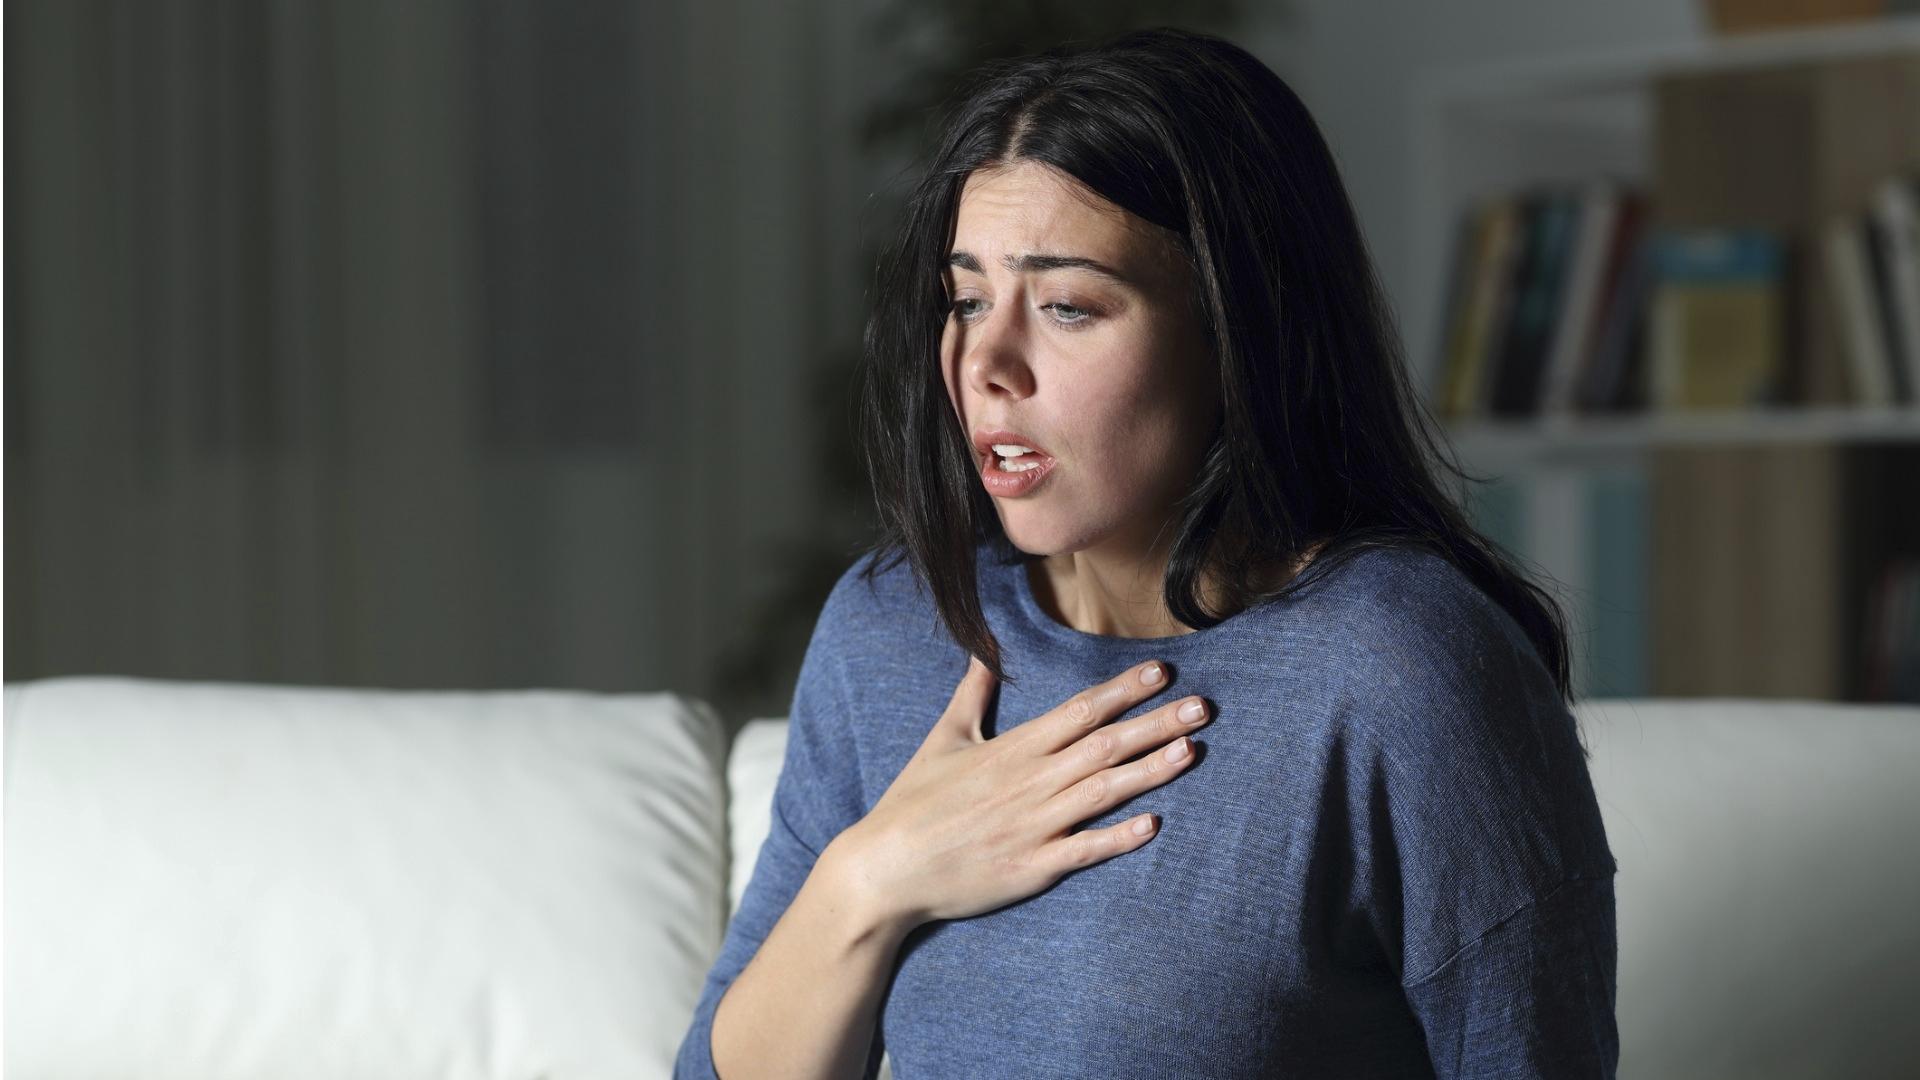 Sisäilman epäpuhtaudet ovat yksi astman riskitekijä ja oireiden pahentaja.